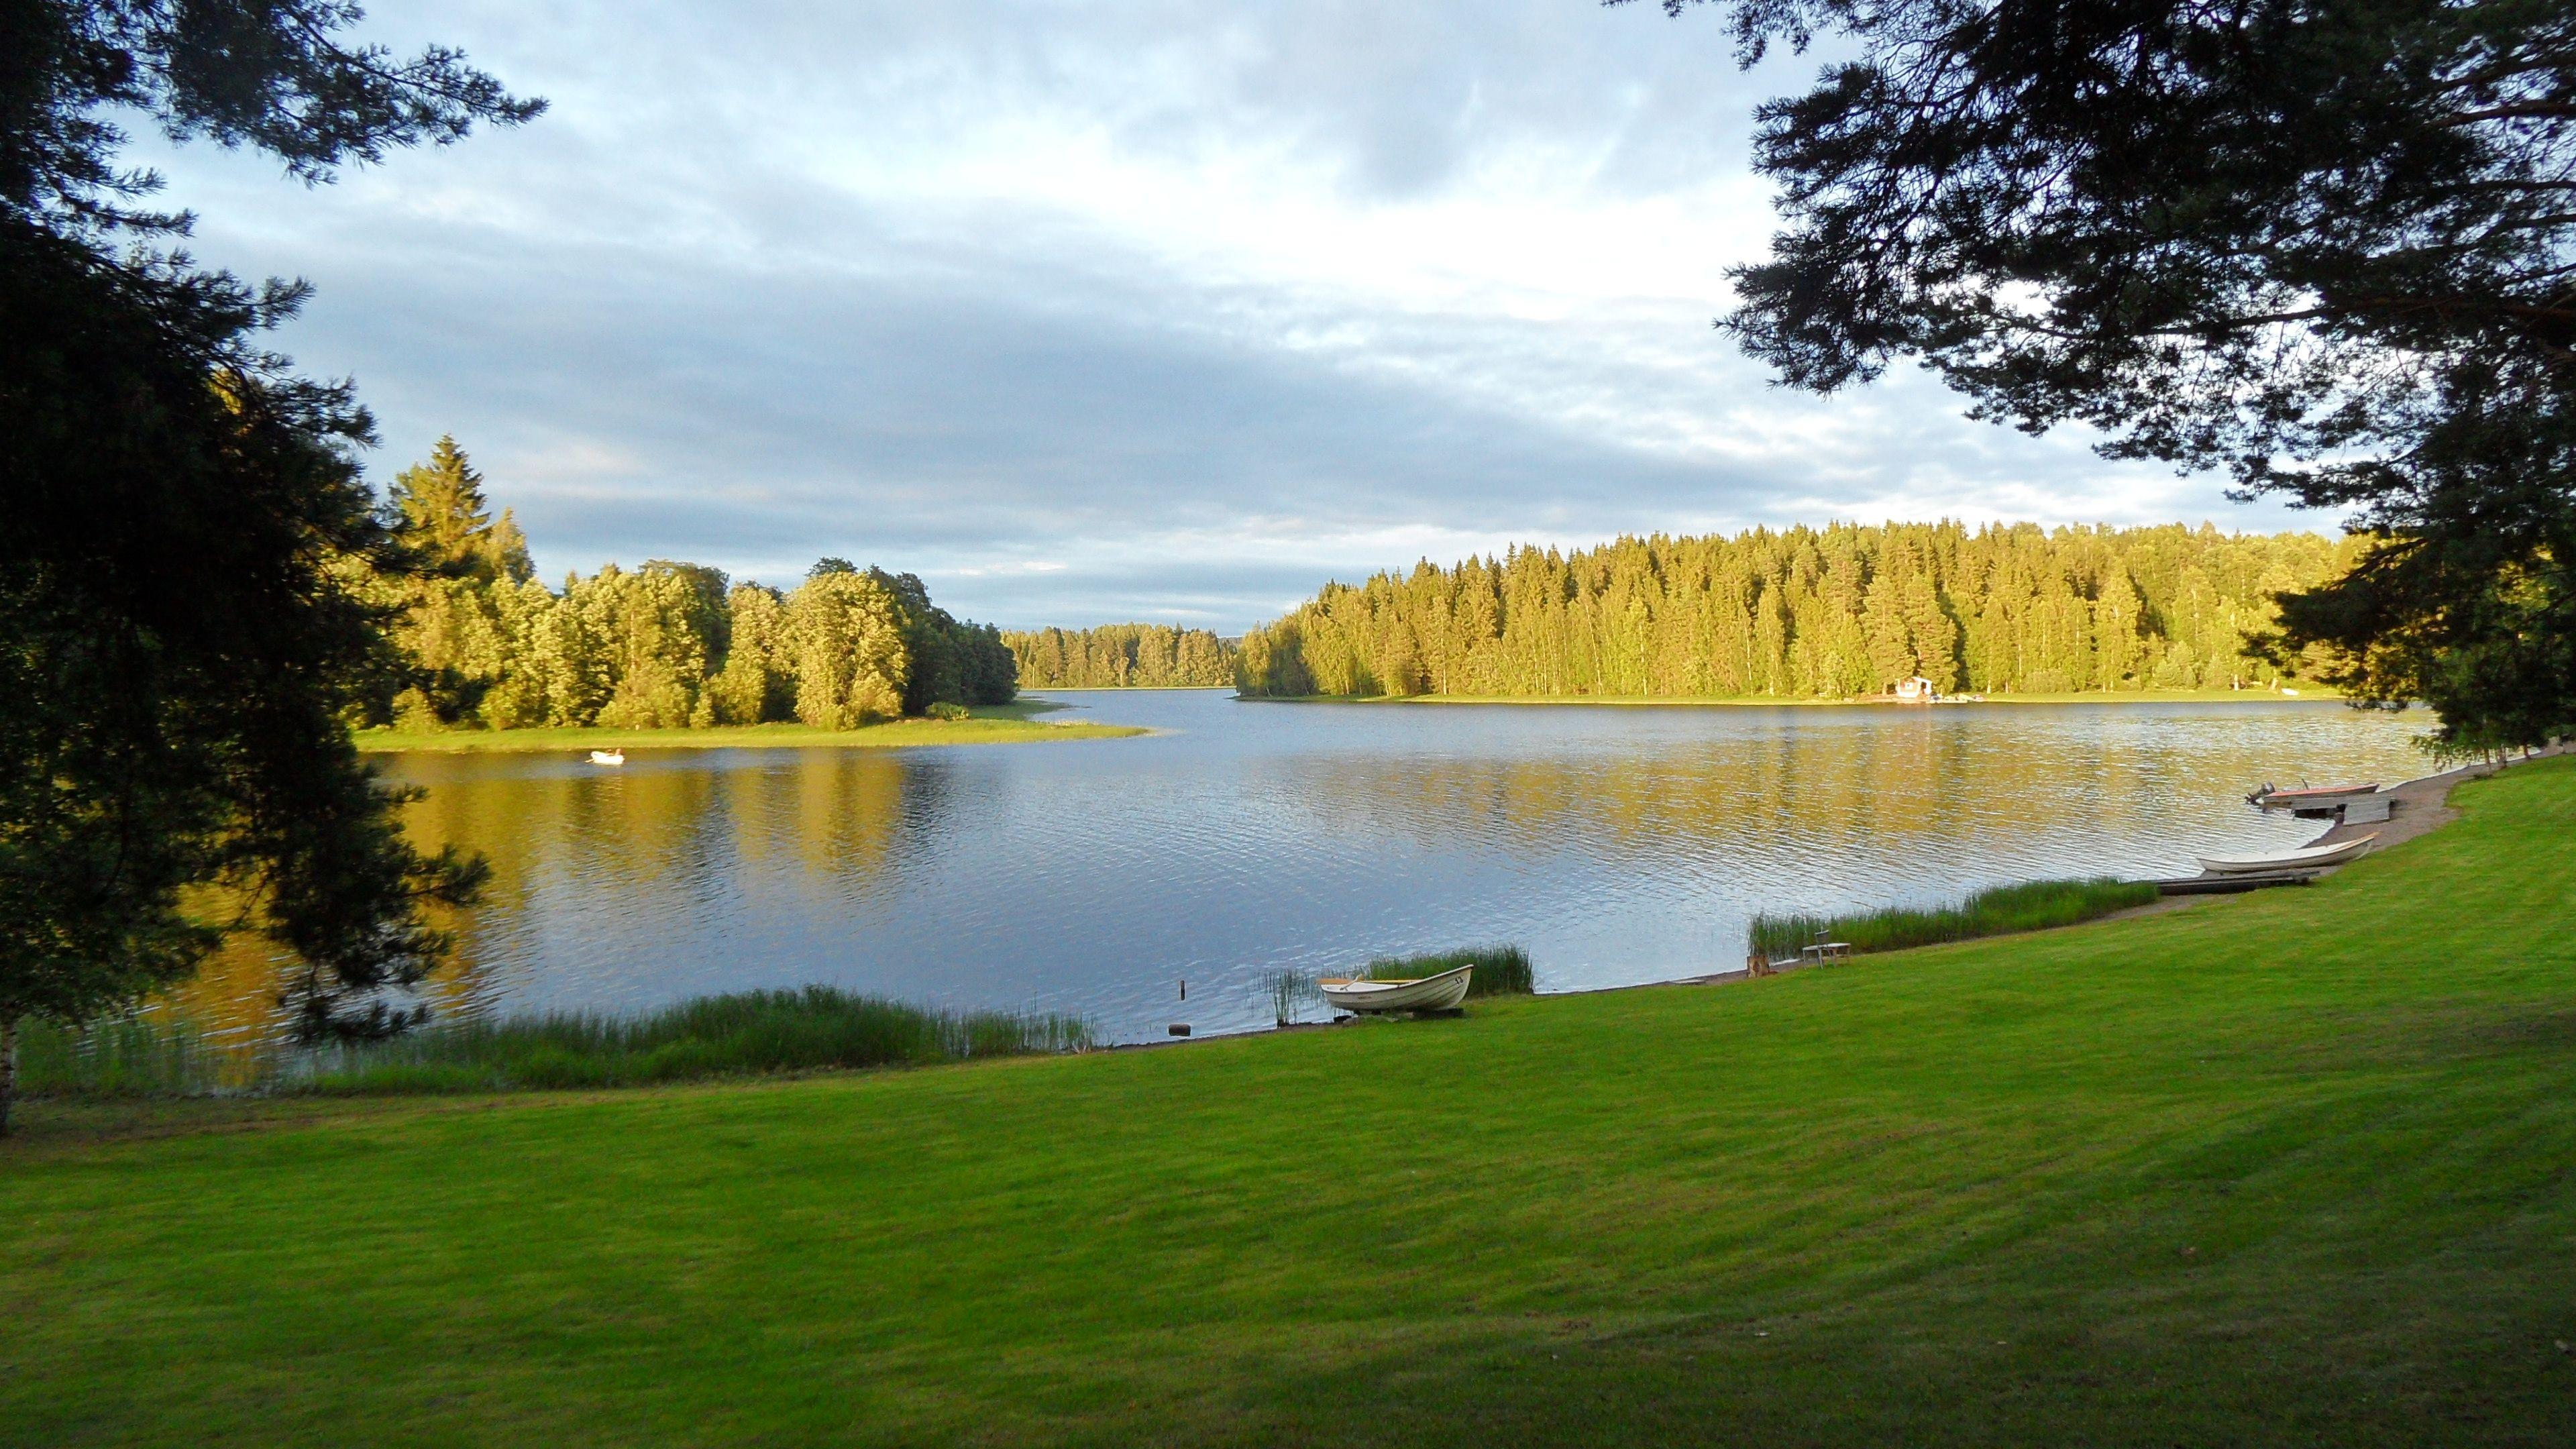 Ruovesi, Haapasaaren lomakylä, Suomi Finland. (via Päivi H. • https://www.pinterest.com/pin/332422016223833225/ )